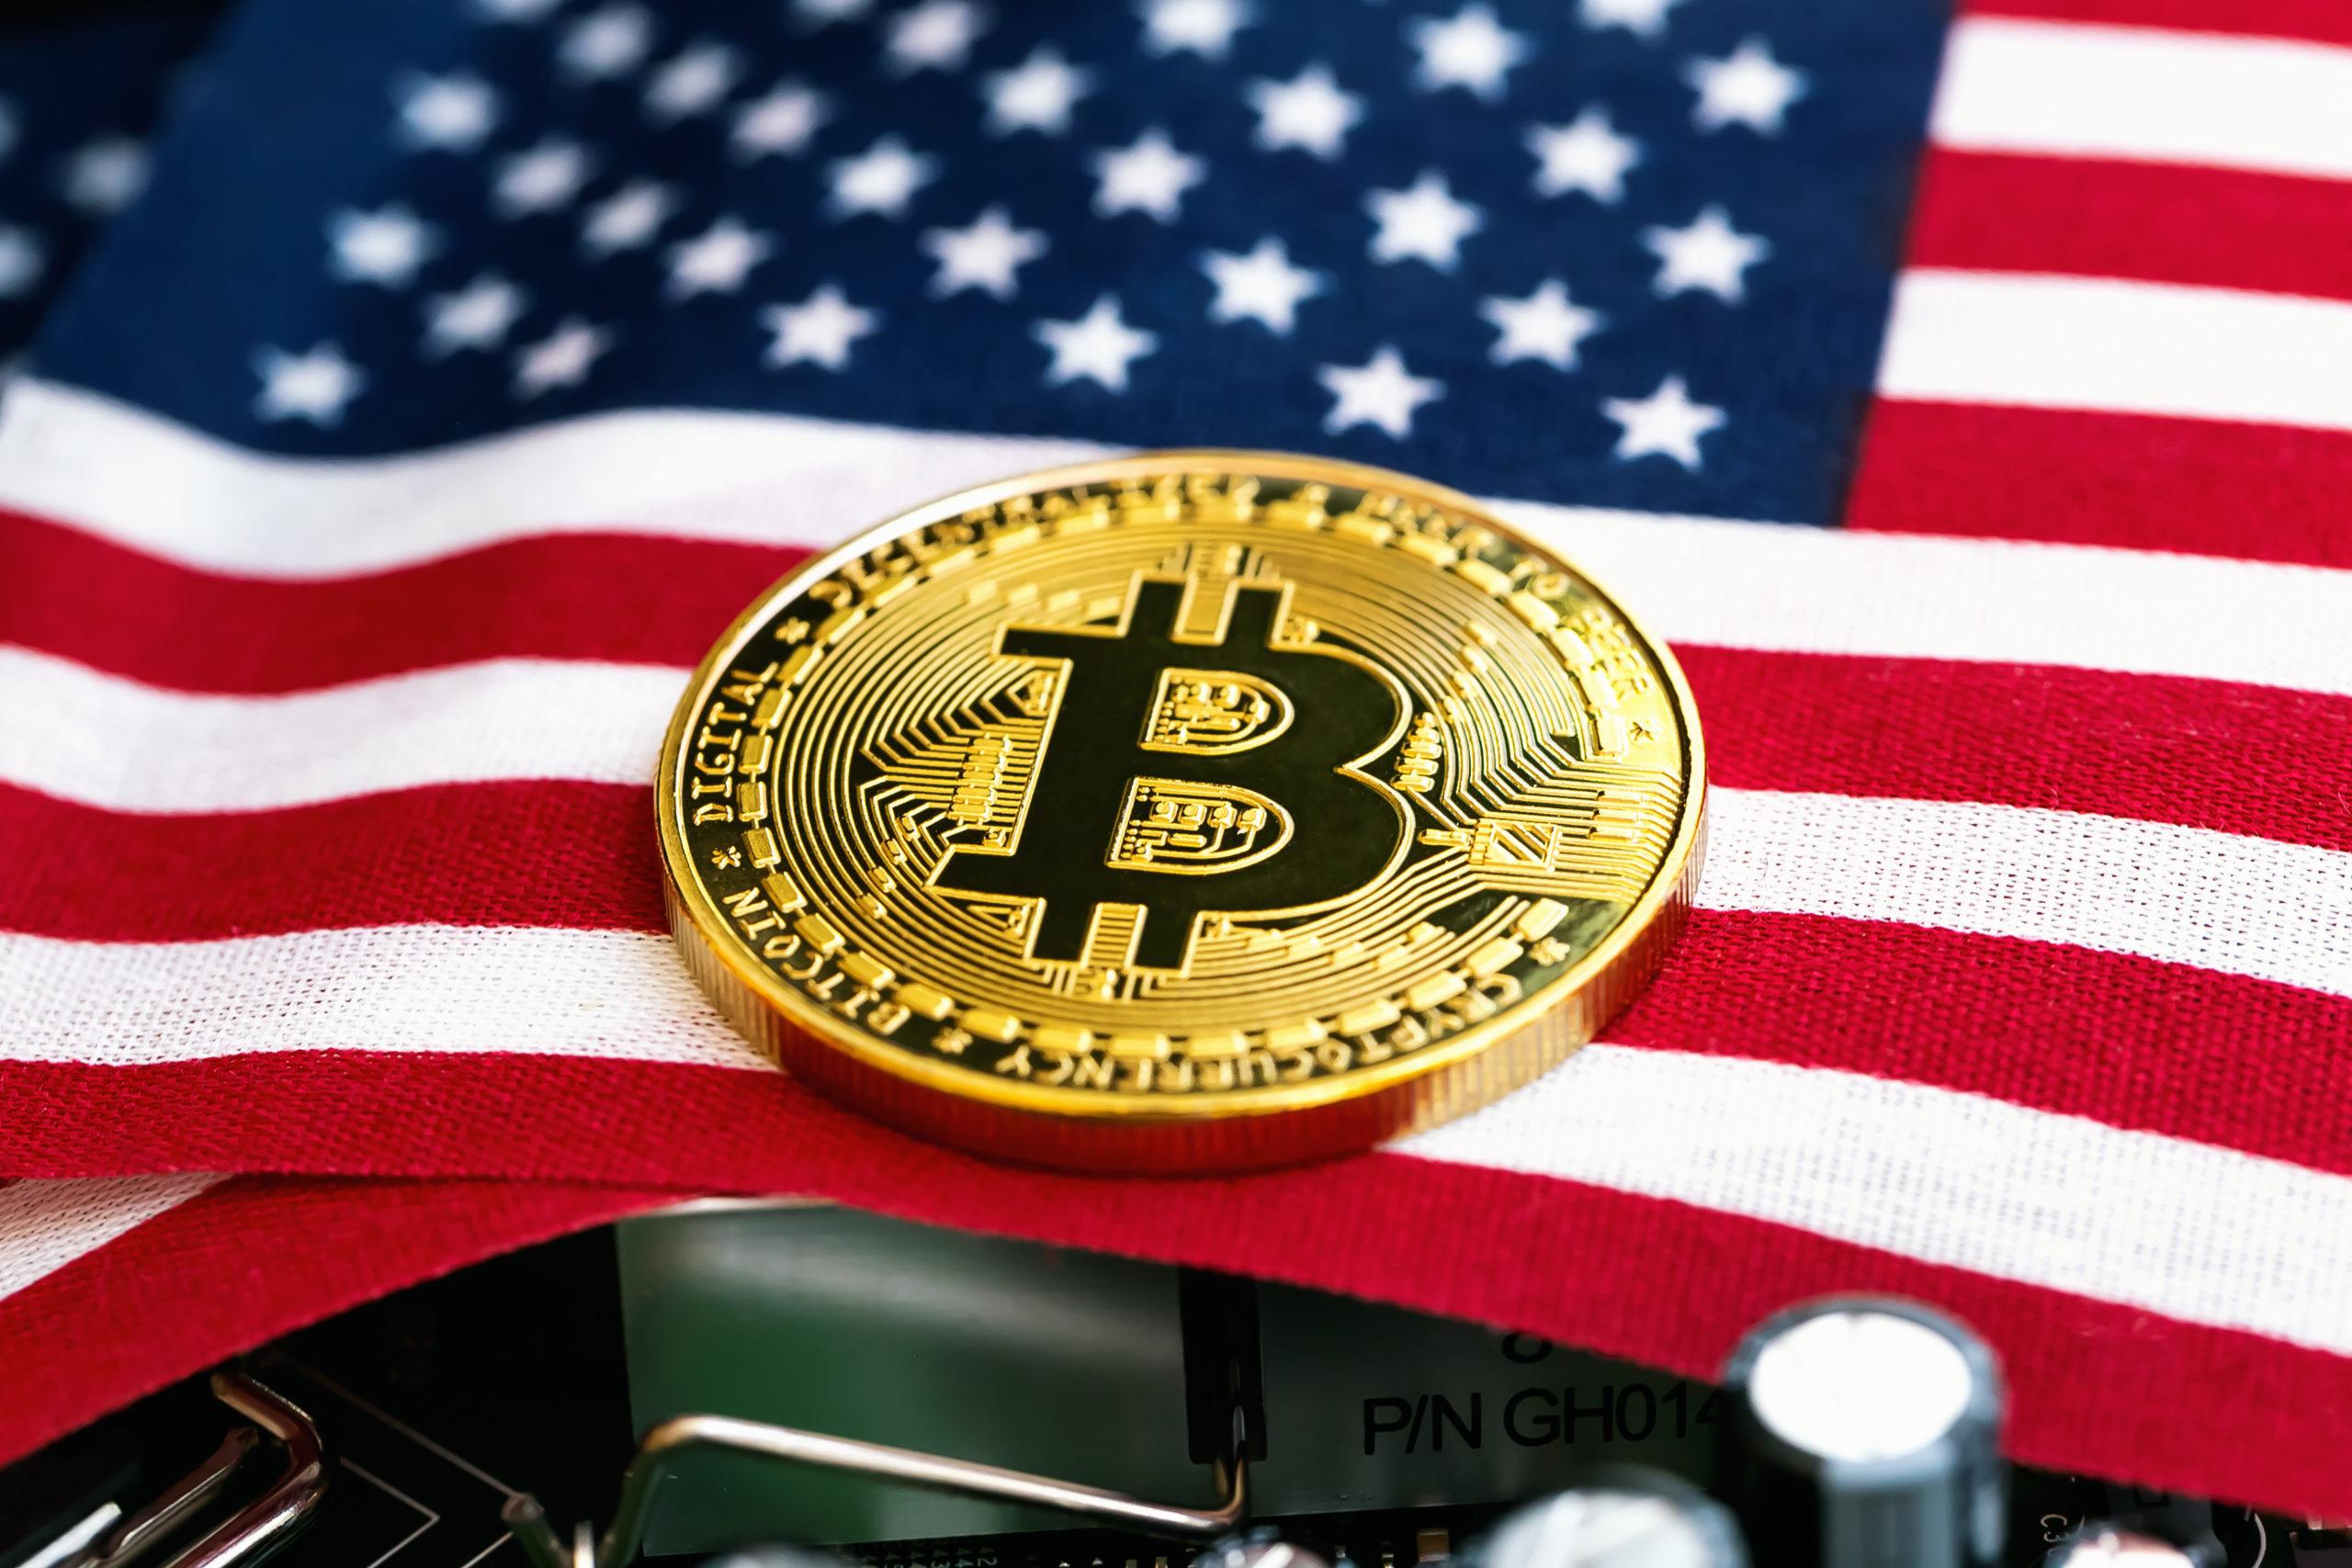 Gli investitori statunitensi vincono la gara: hanno ottenuto i guadagni maggiori in Bitcoin nel 2020